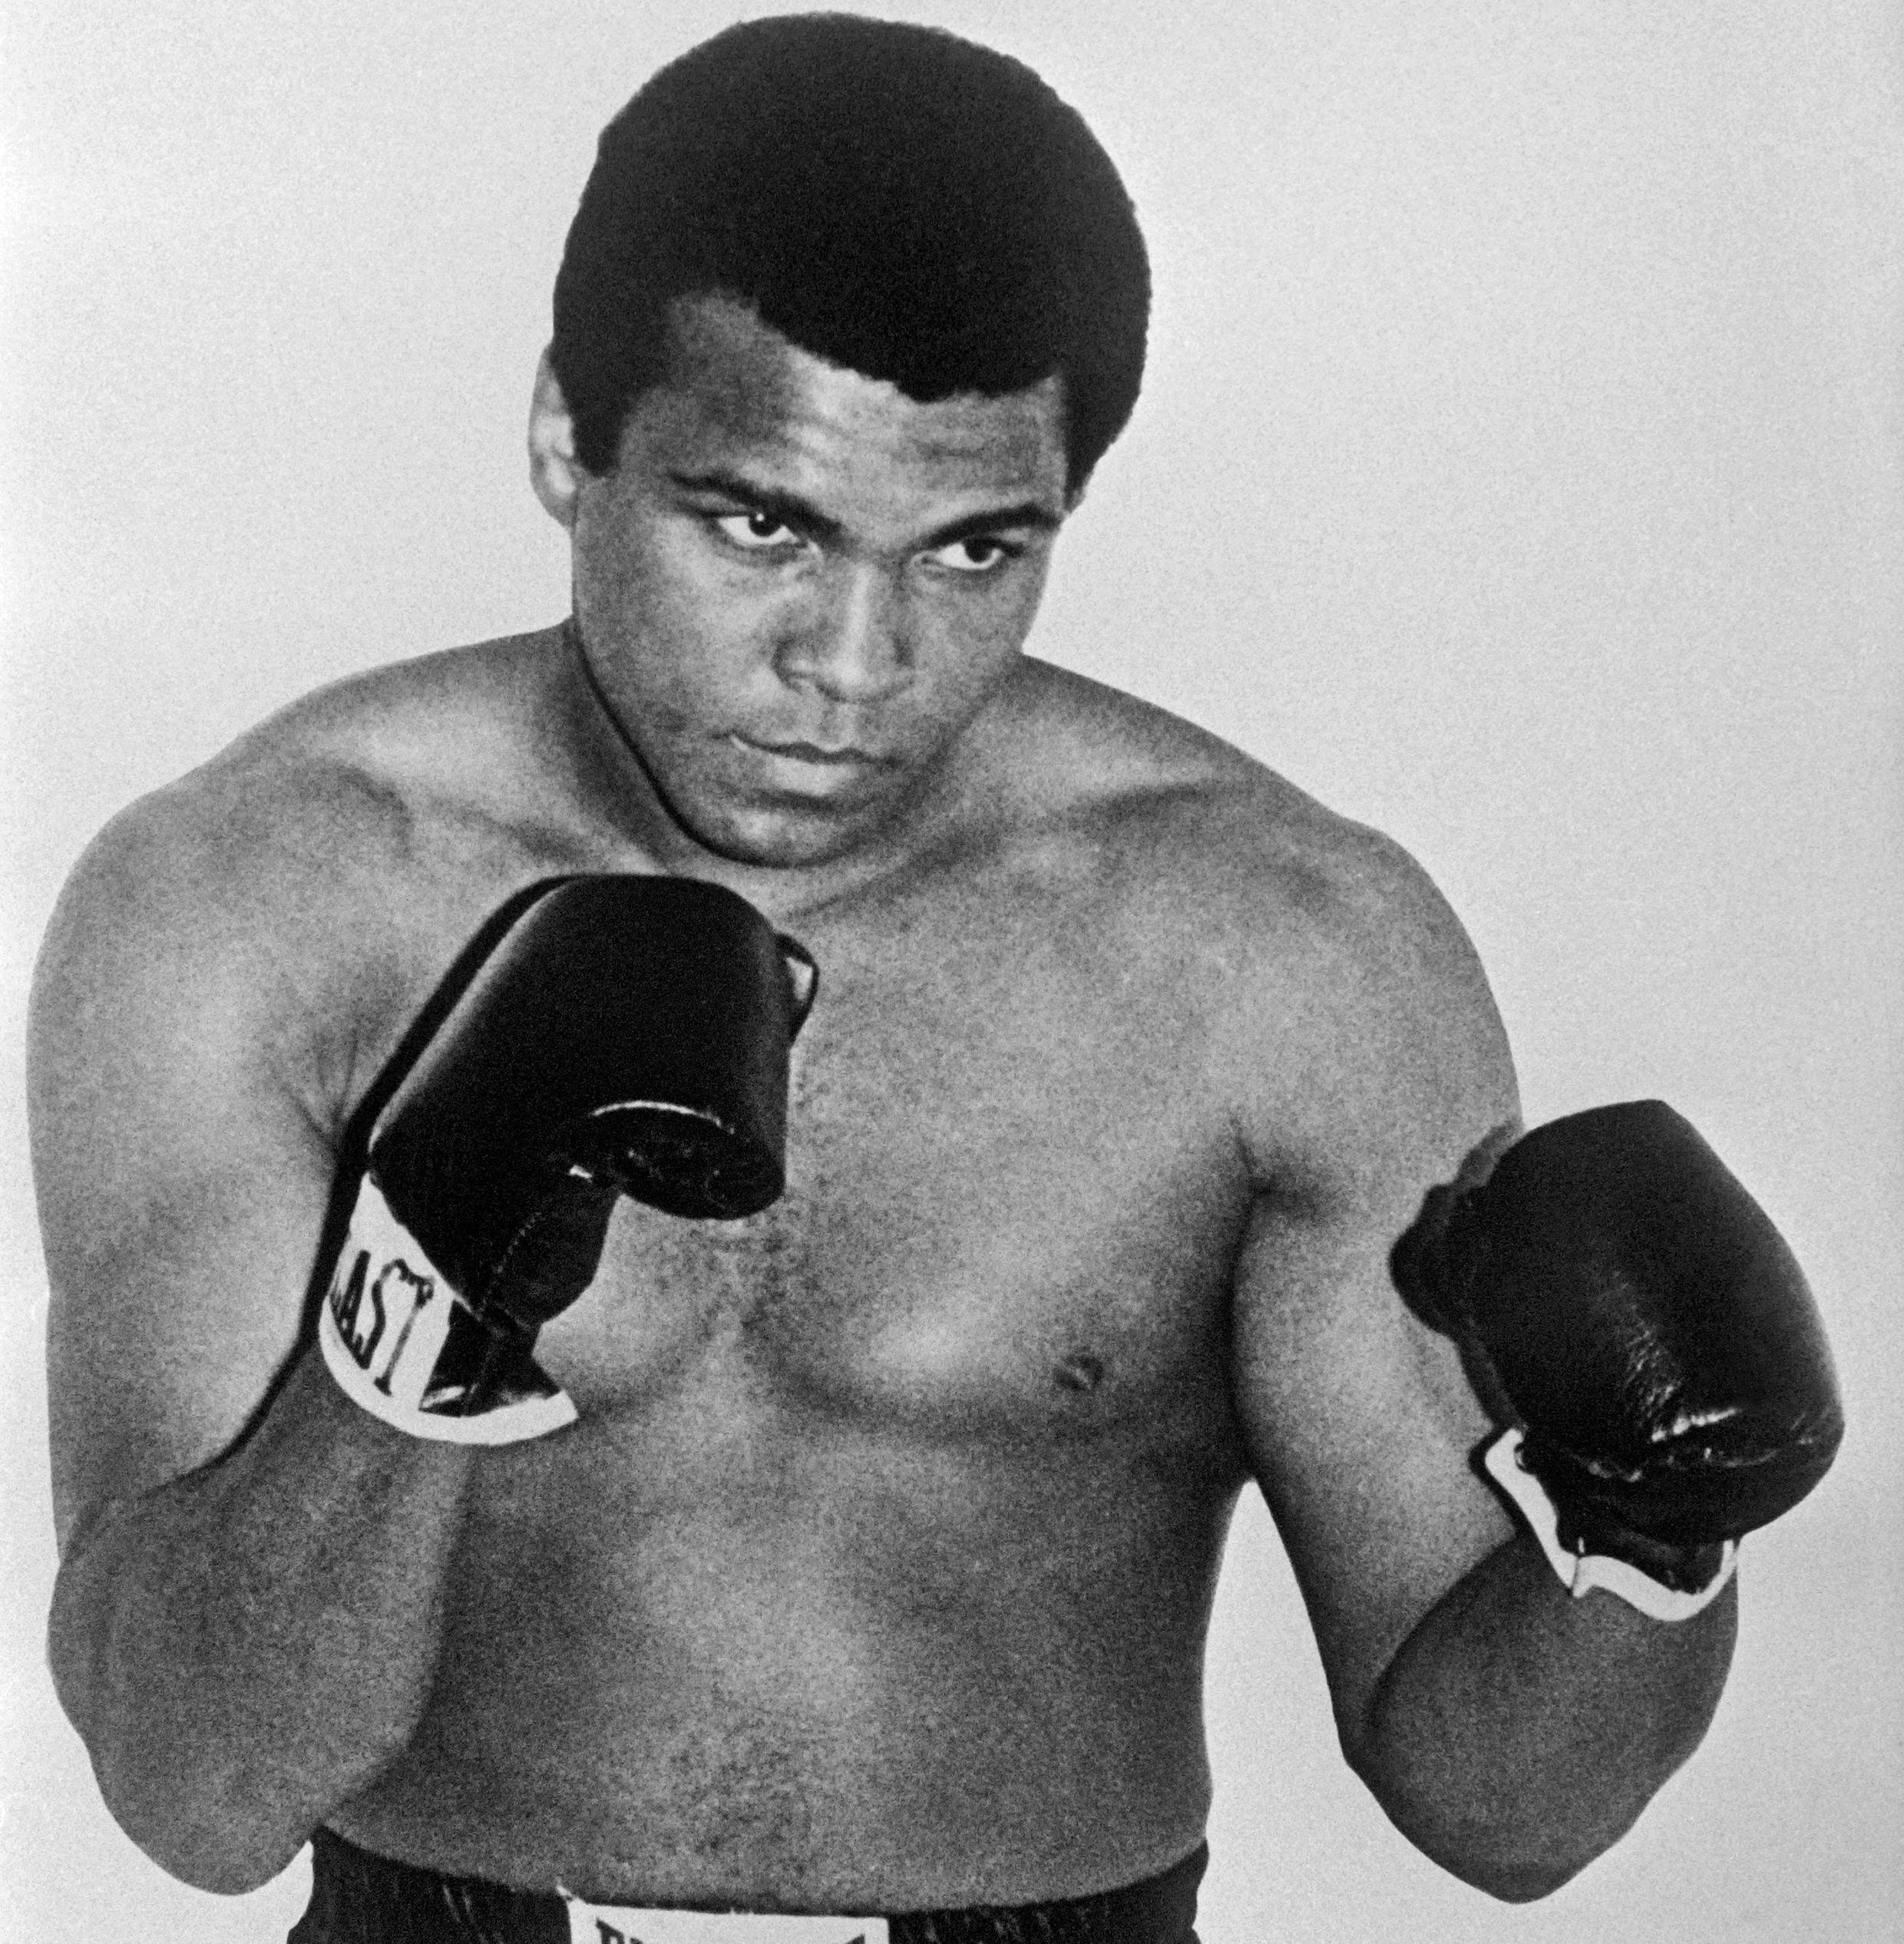 Mohammad Ali, bingwa wa zamani wa ndondi uzito wa juu na mwanaharakati kutoka Marekani.